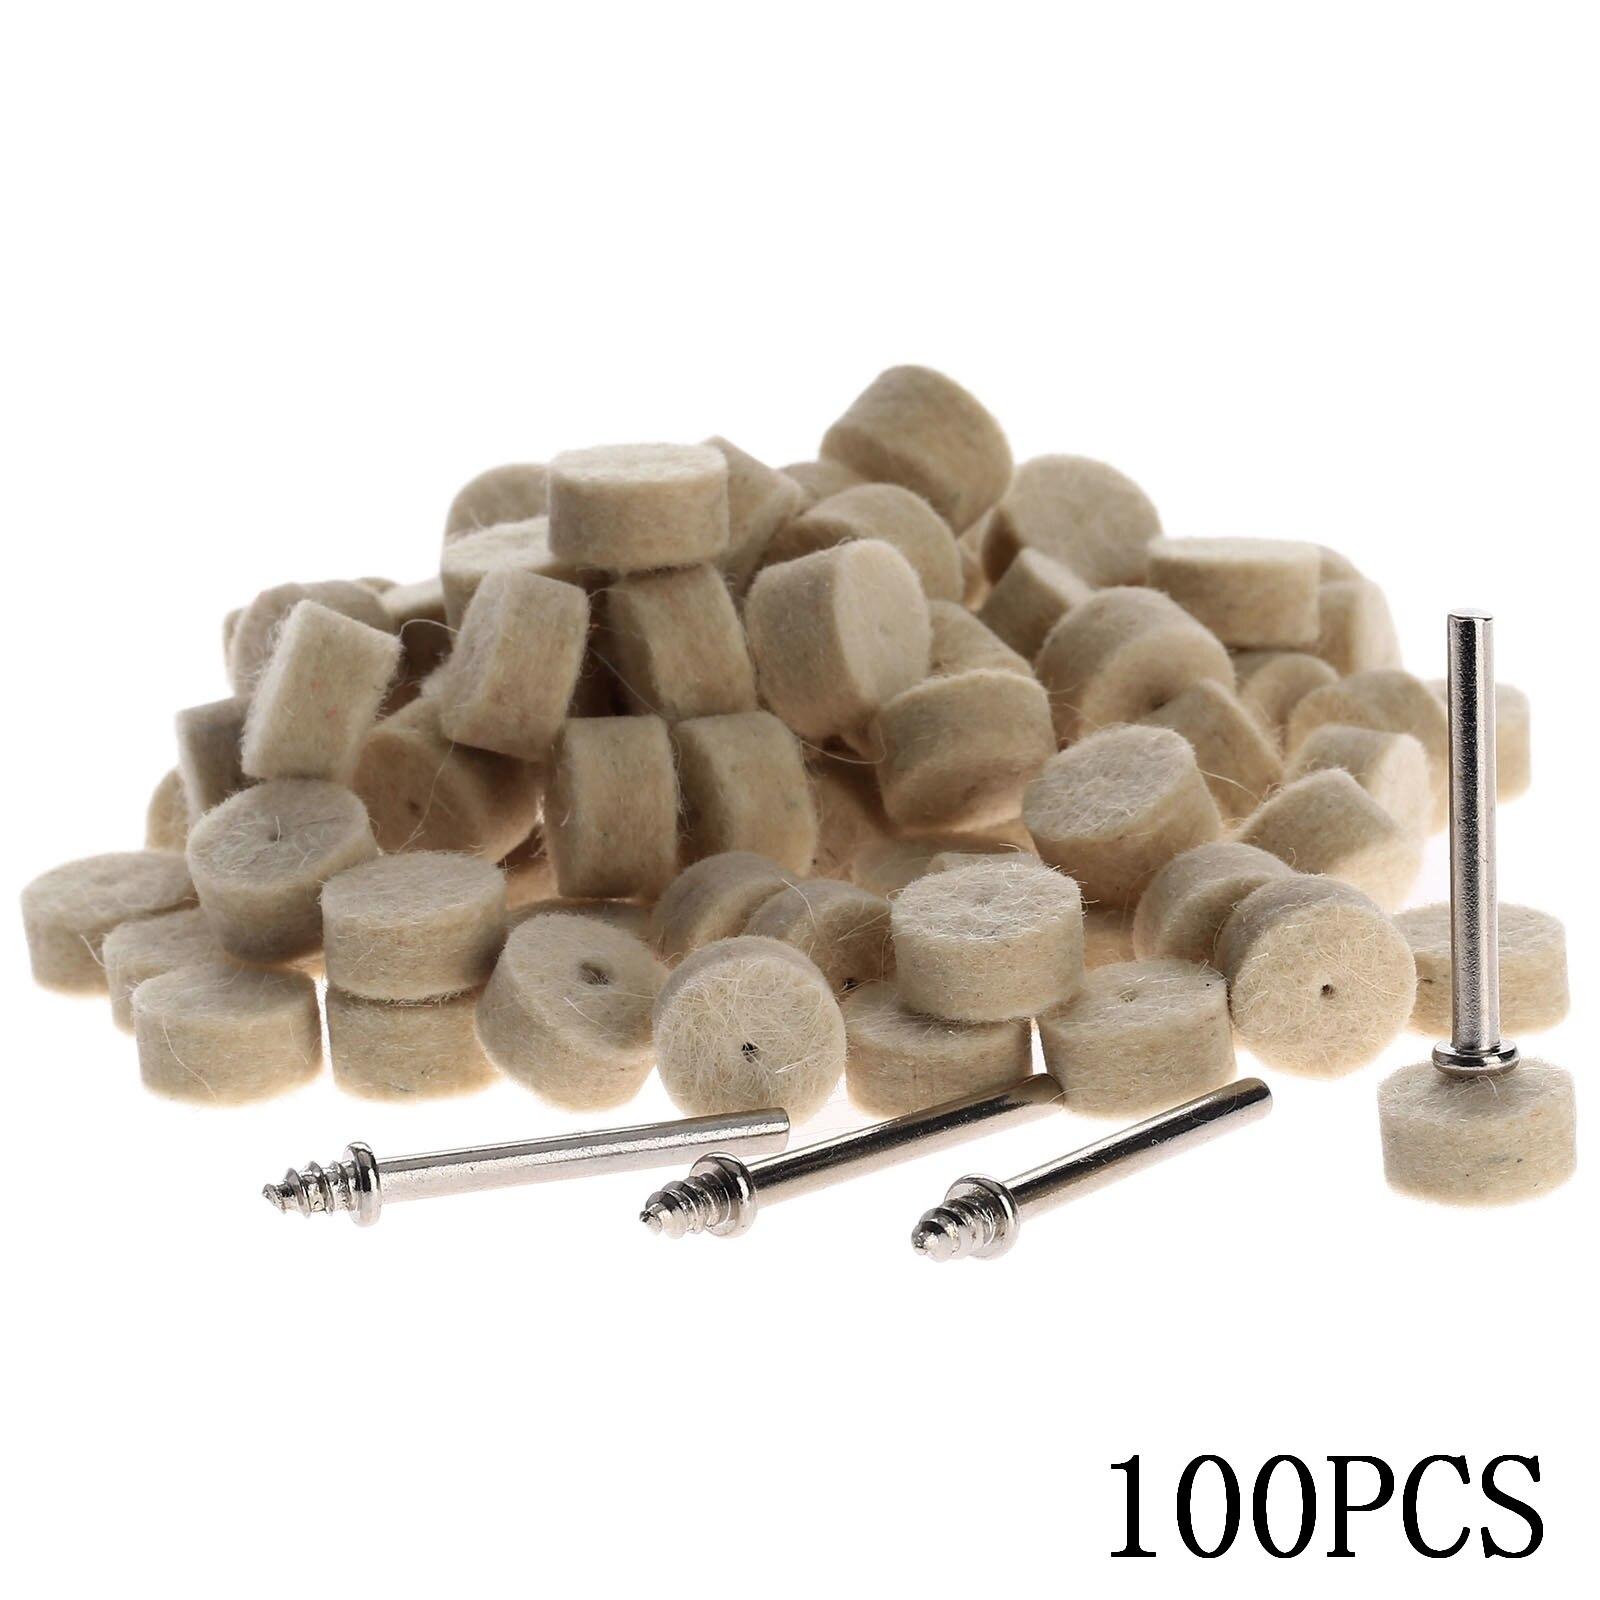 4 Stücke Shanks Für Dremel Dreh Werkzeug Dremel Werkzeuge 50 Stücke Wolle Filz Polieren Polieren Rad Schleifen Polieren Pad